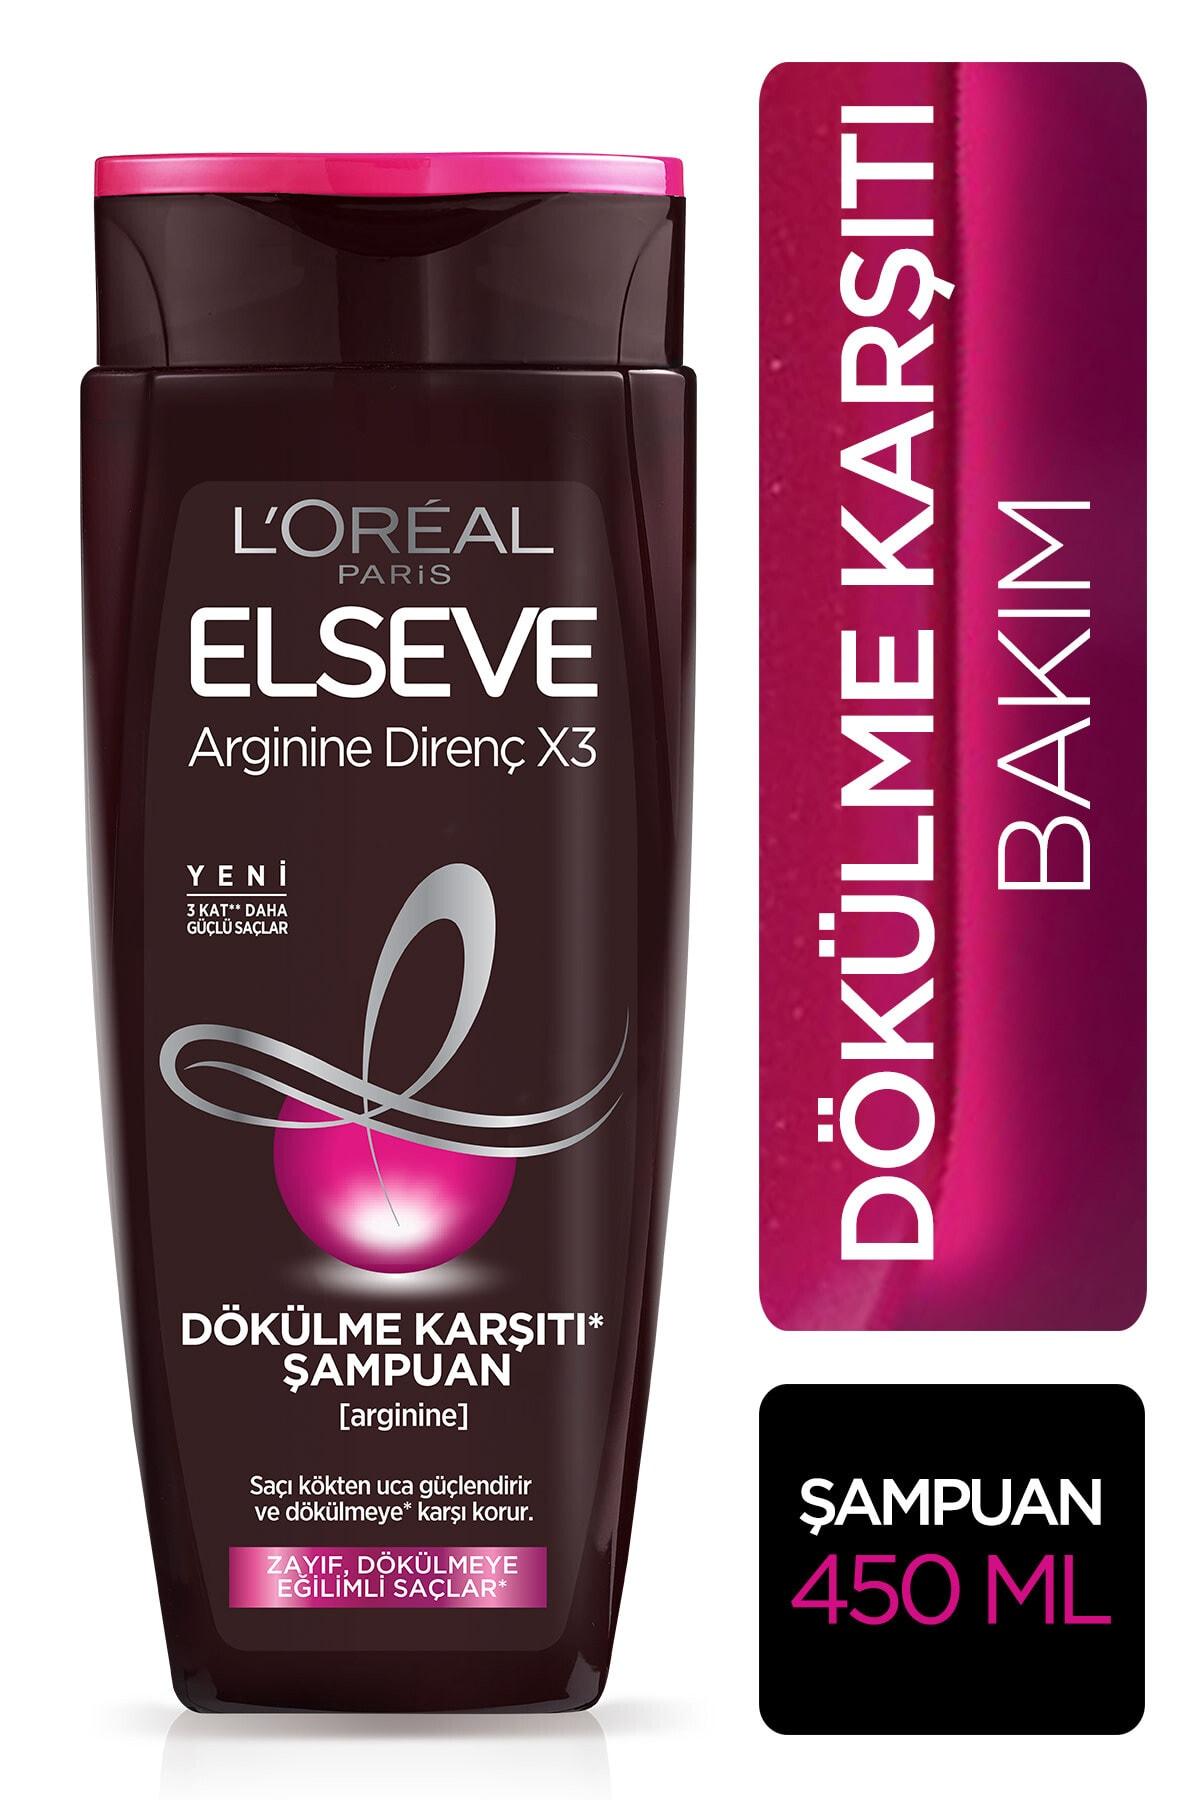 ELSEVE Arginine Direnç X3 Dökülme Karşıtı Şampuan 450 ml 1